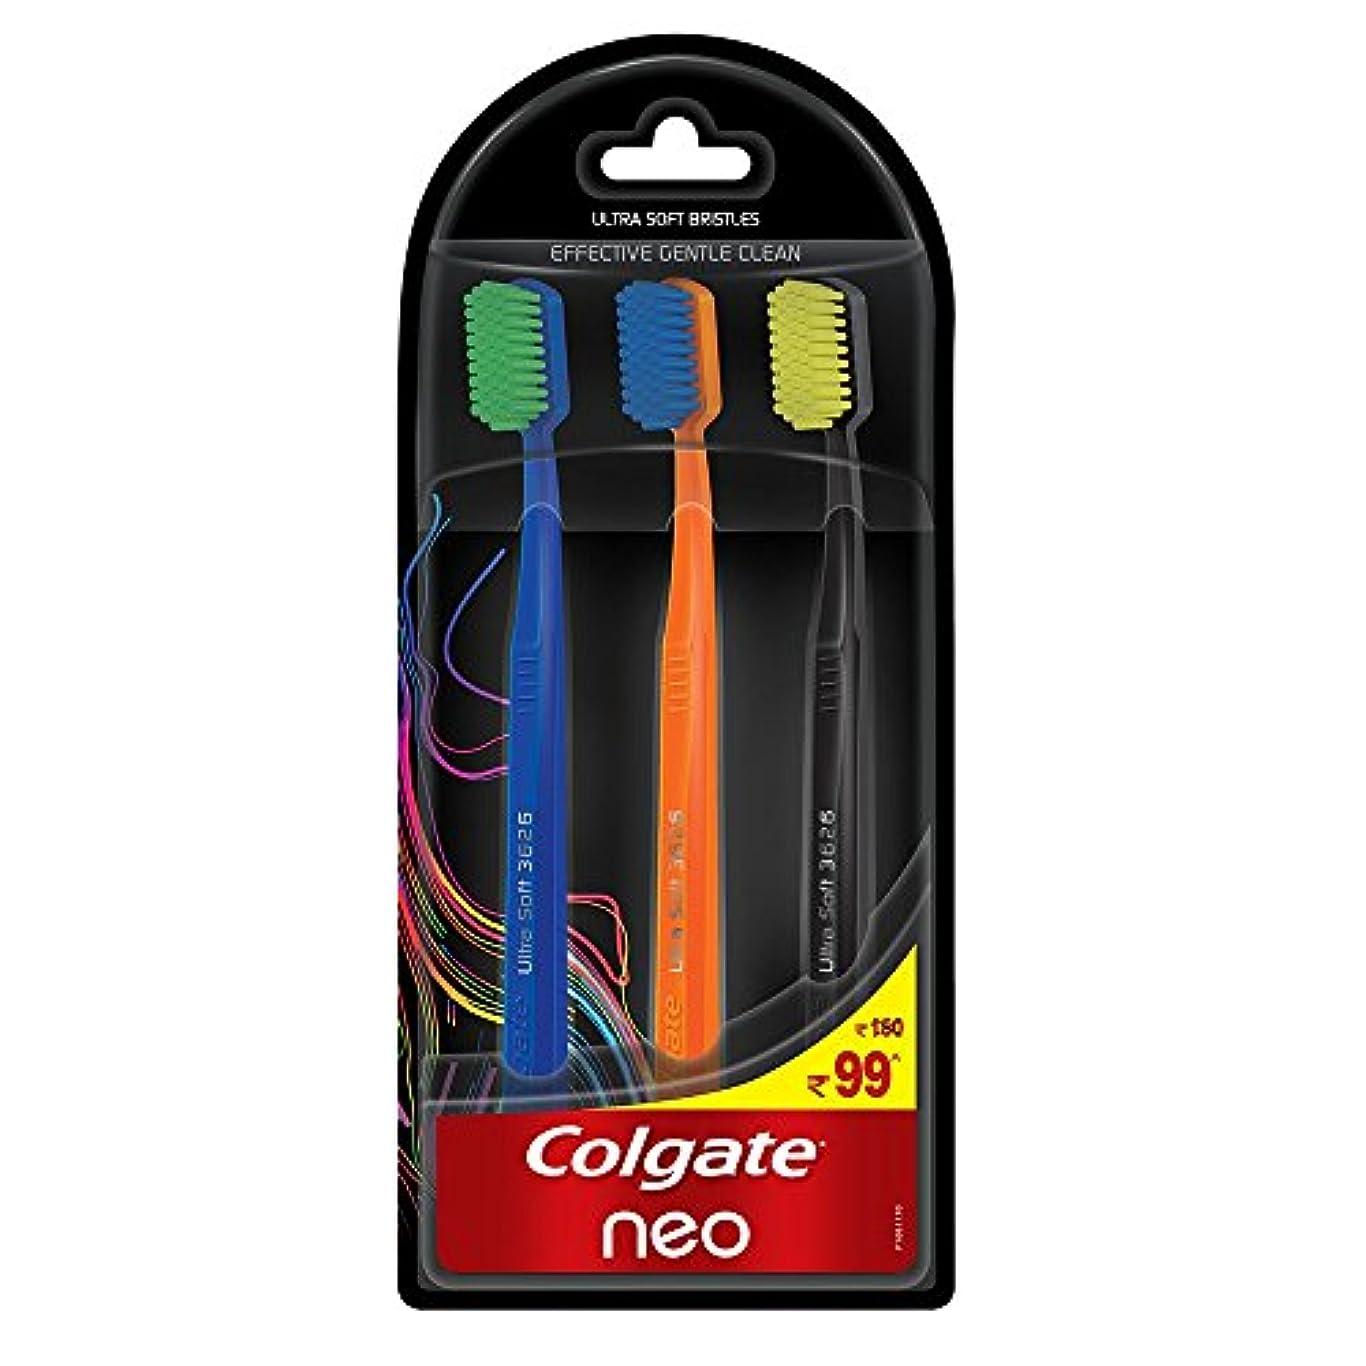 素朴な性別鬼ごっこColgate Neo Toothbrush Effective Gentle Clean